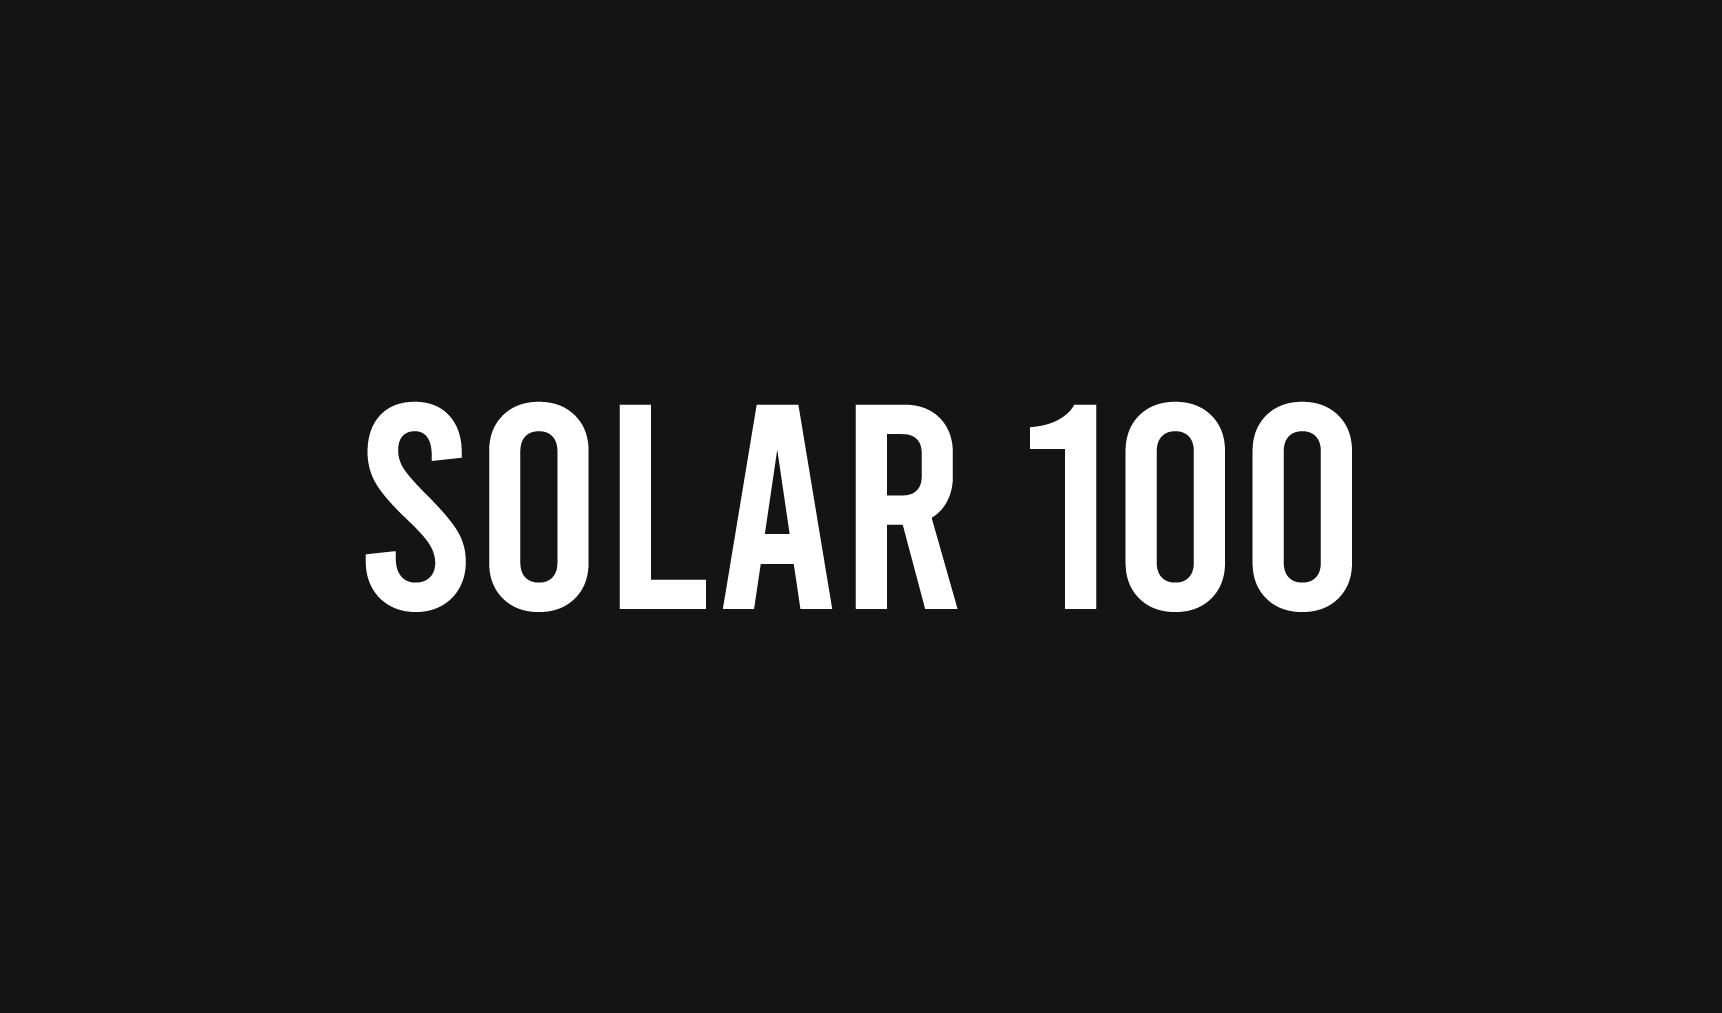 Solar 100